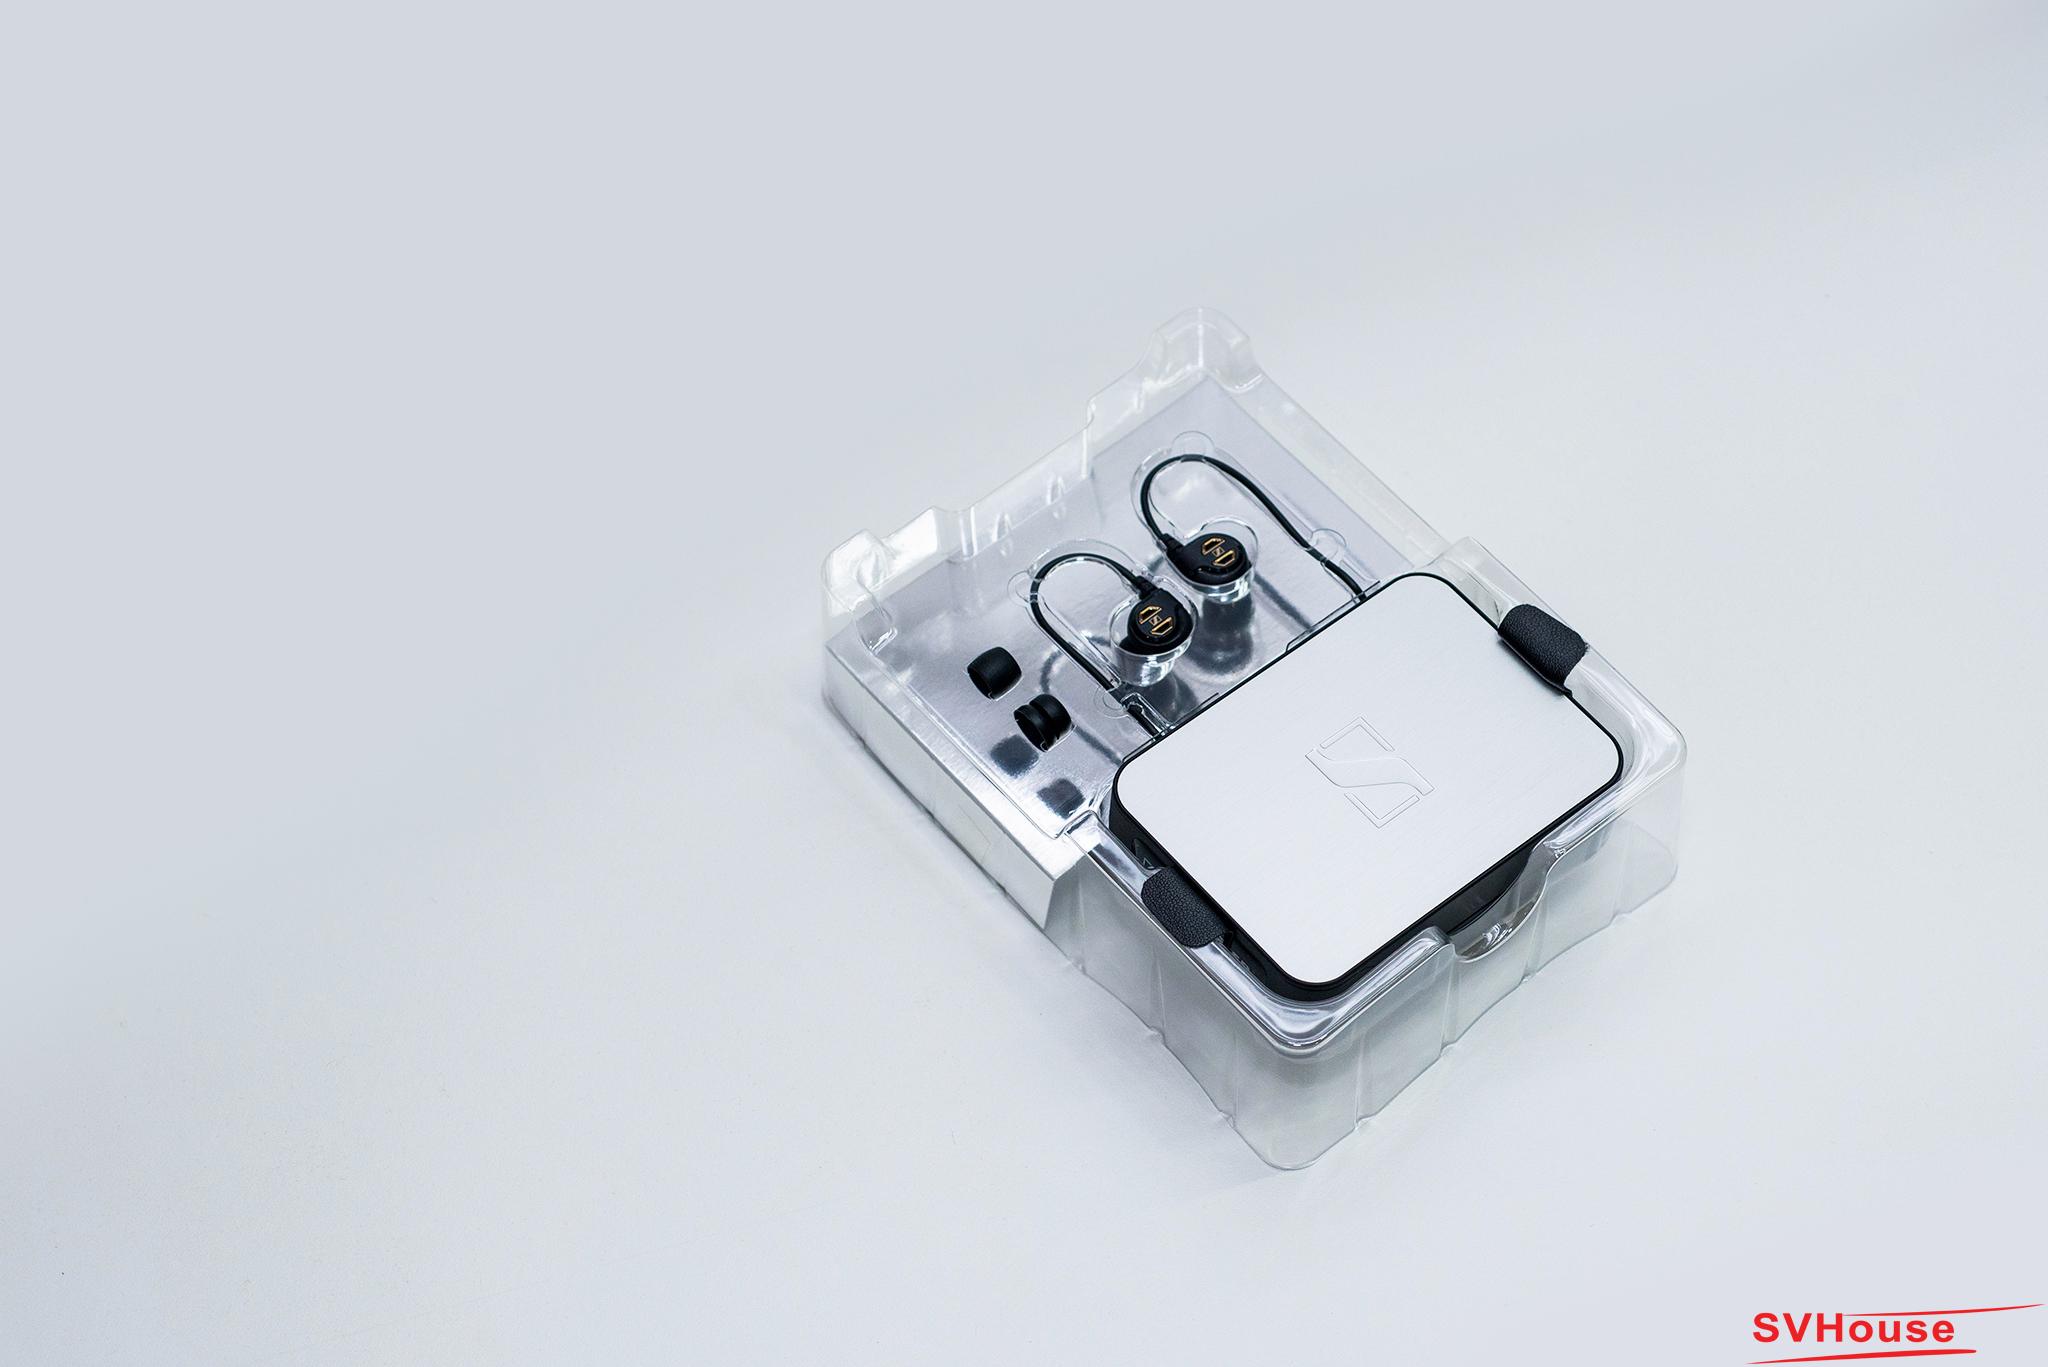 """Một phong cách đeo tai nghe hết sức chuyên nghiệp theo kiểu """"ear-hook"""", chính vì thế mà khuôn mẫu của chiếc hộp nhựa trong suốt được thiết kế để dành riêng cho IE60"""